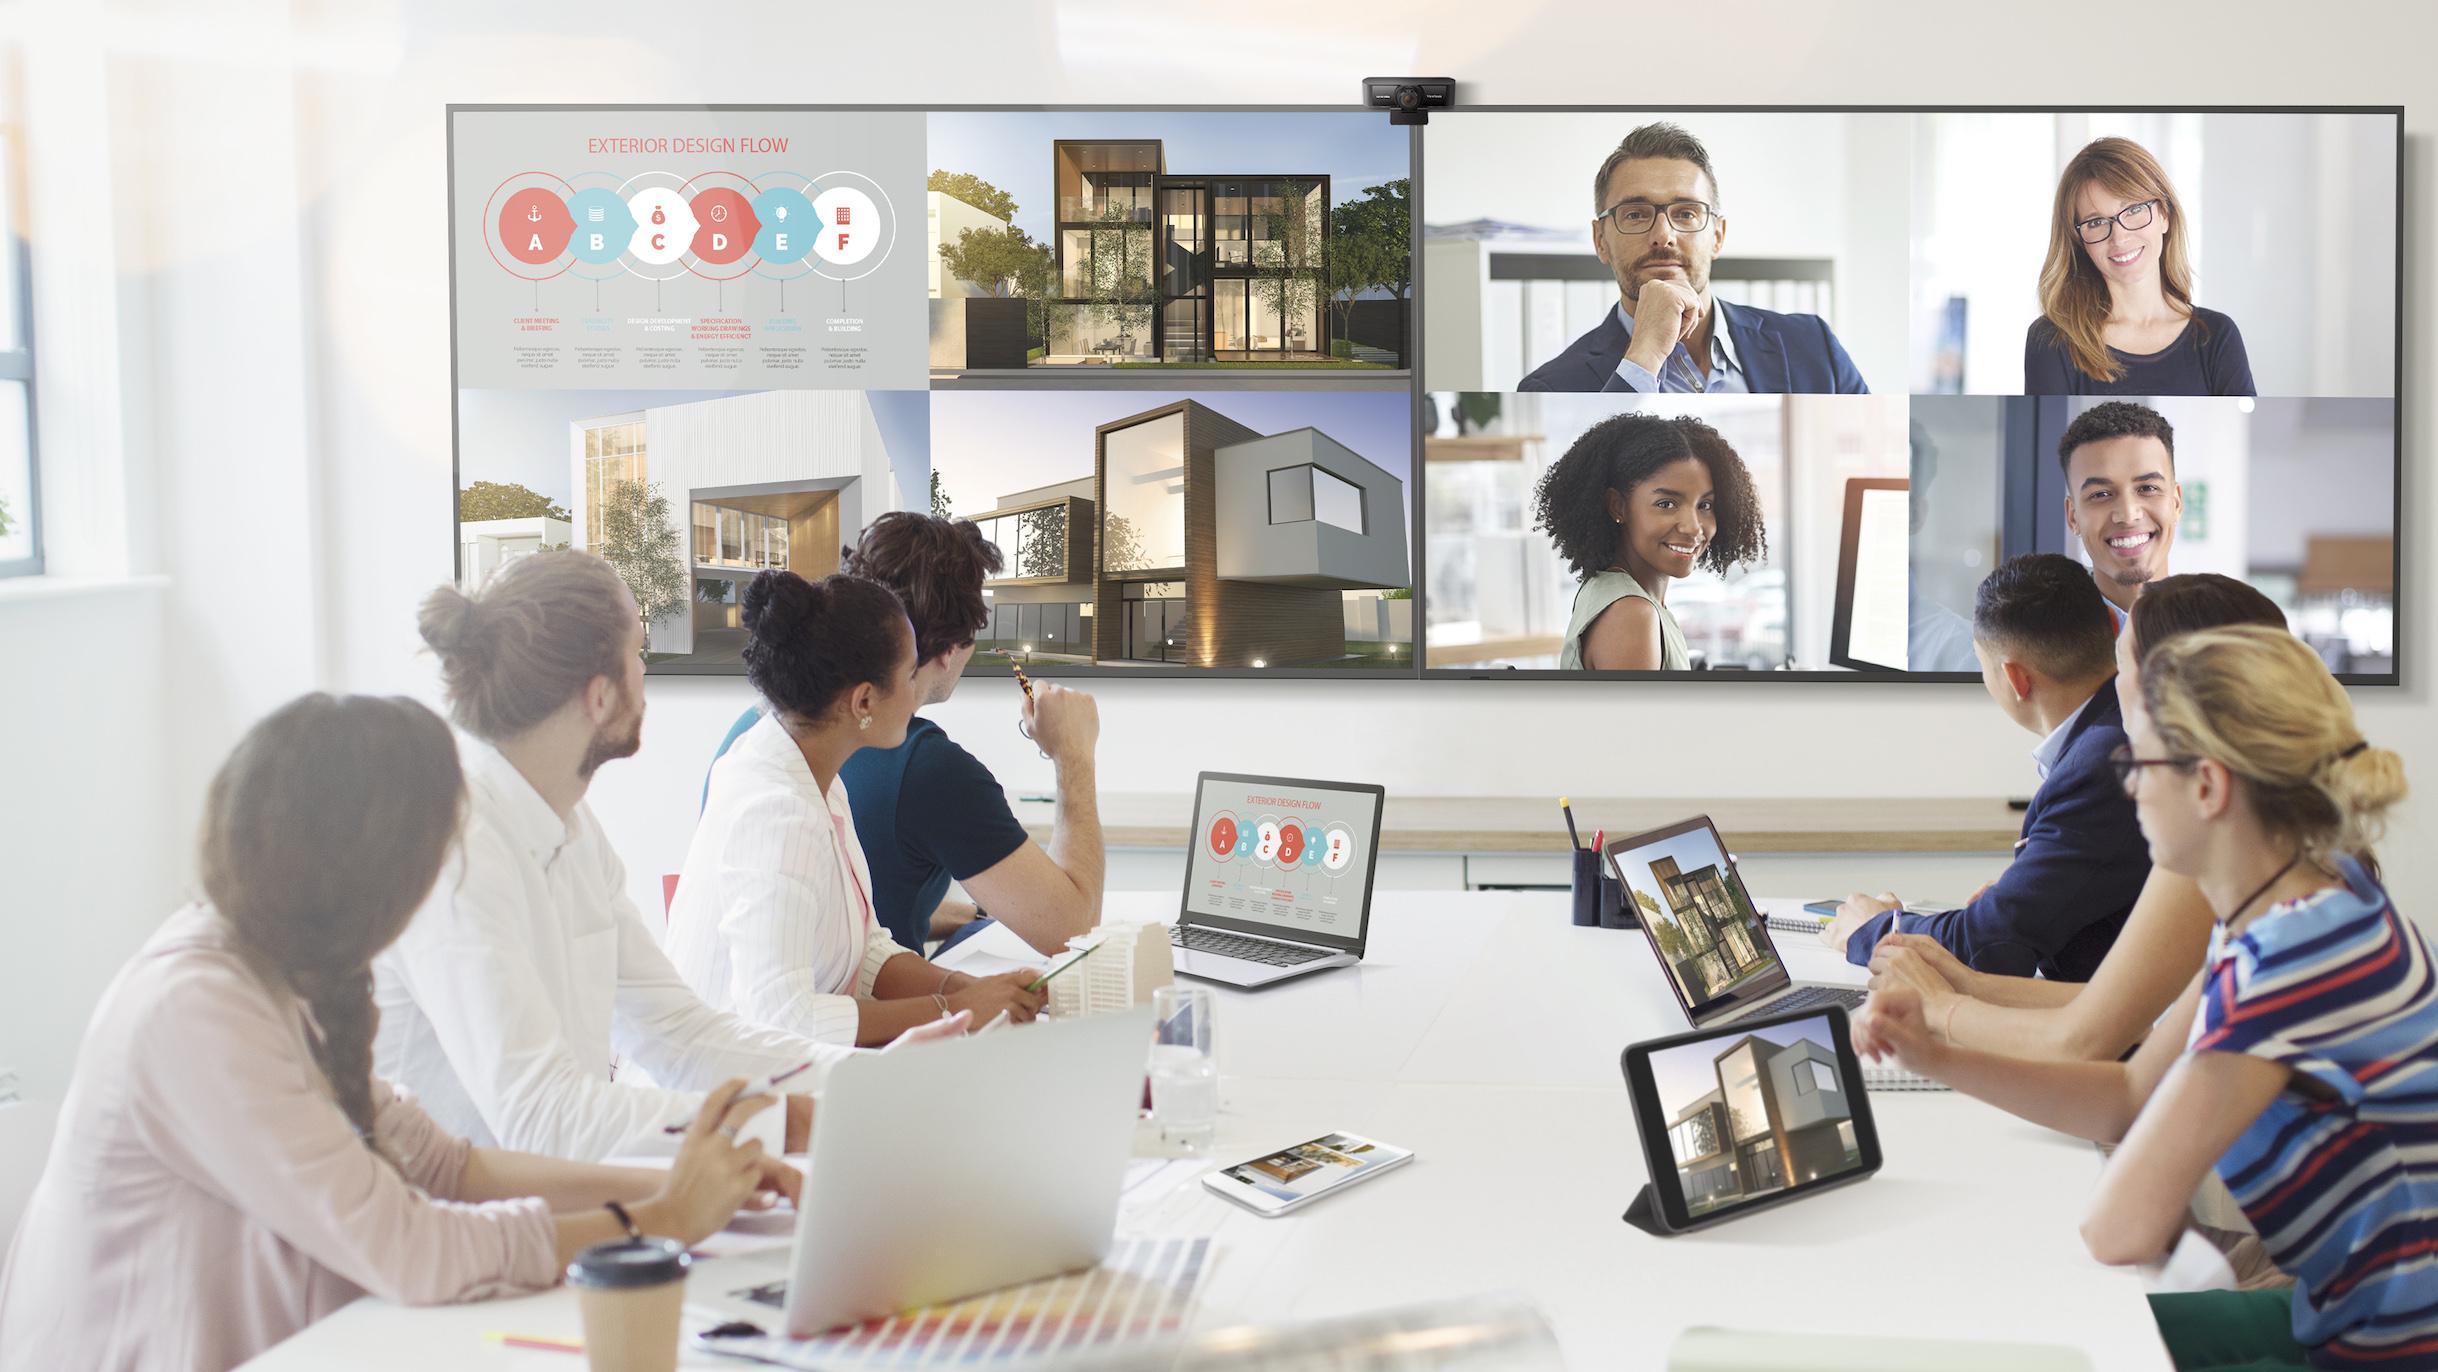 Nouă soluție pentru prezentări wireless ViewSonic